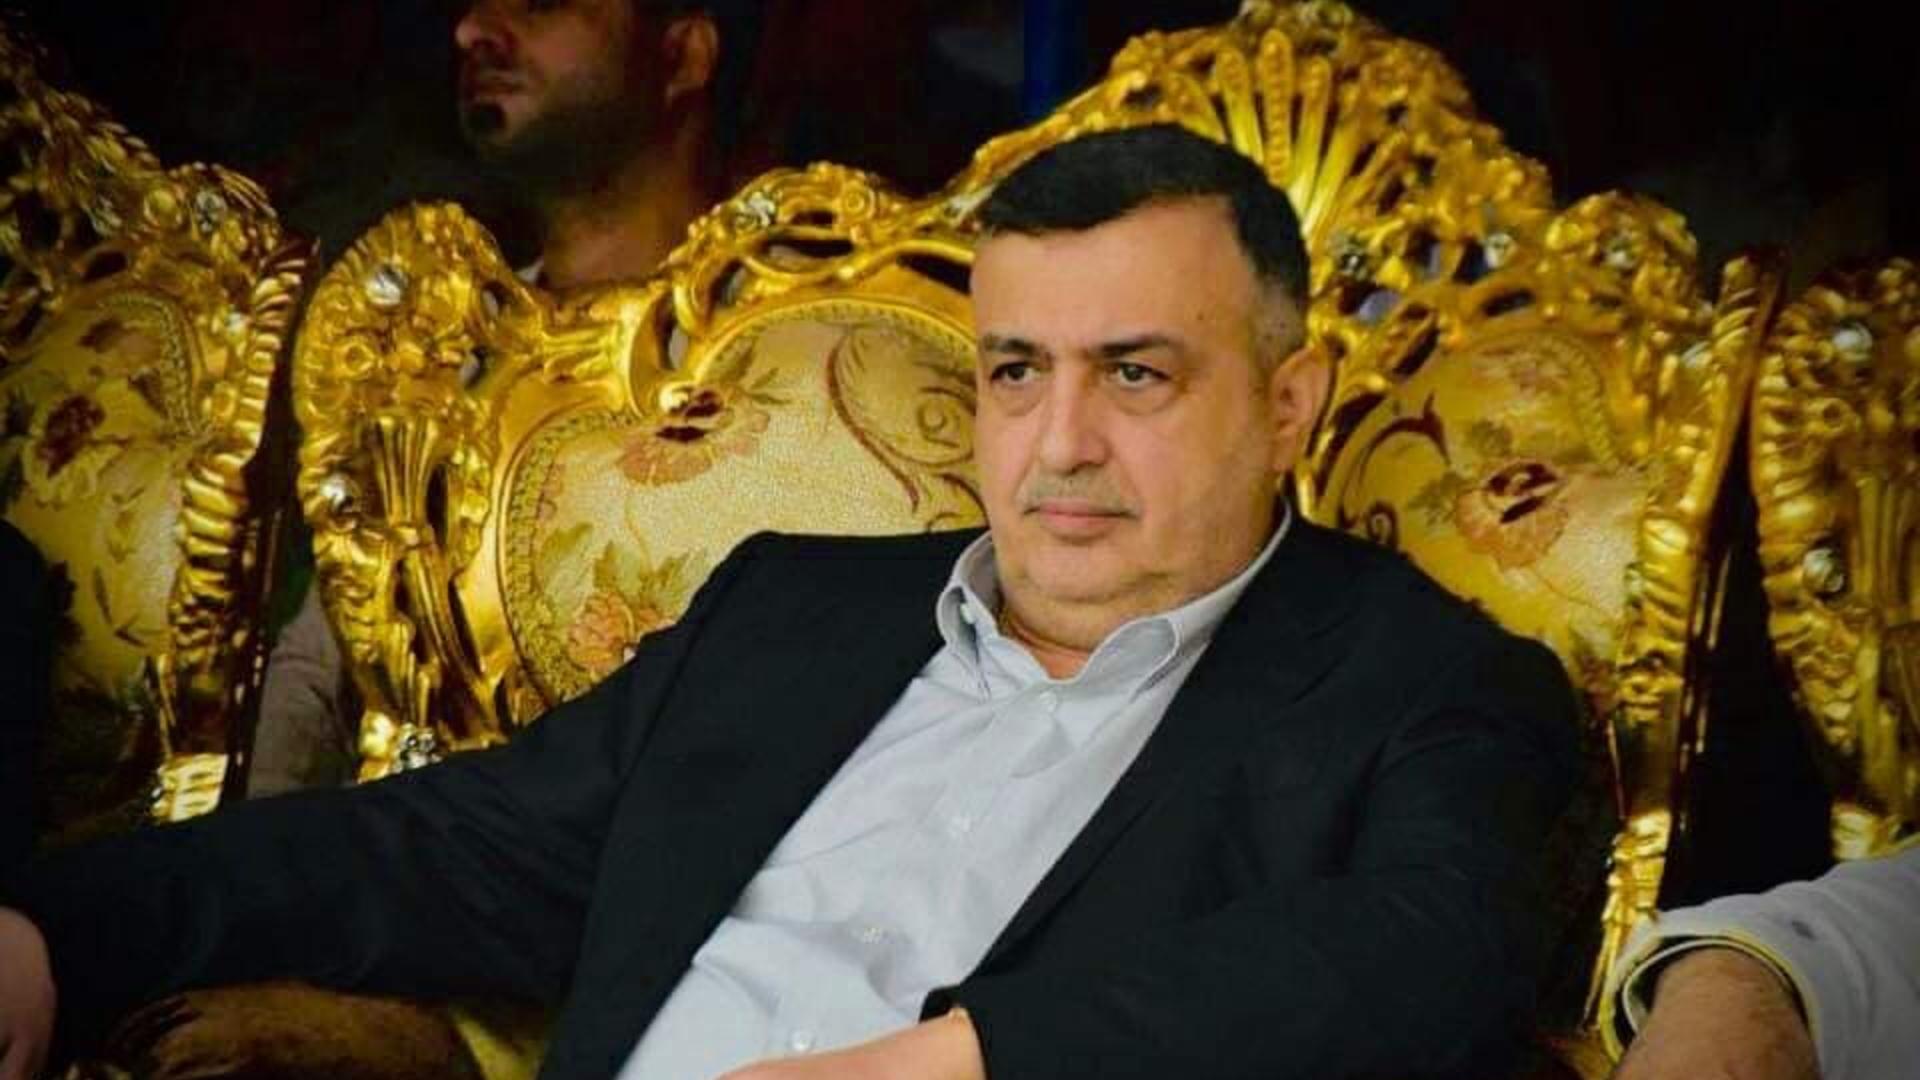 لجنة مكافحة الفساد تعتقل رئيس حزب الحل جمال الكربولي